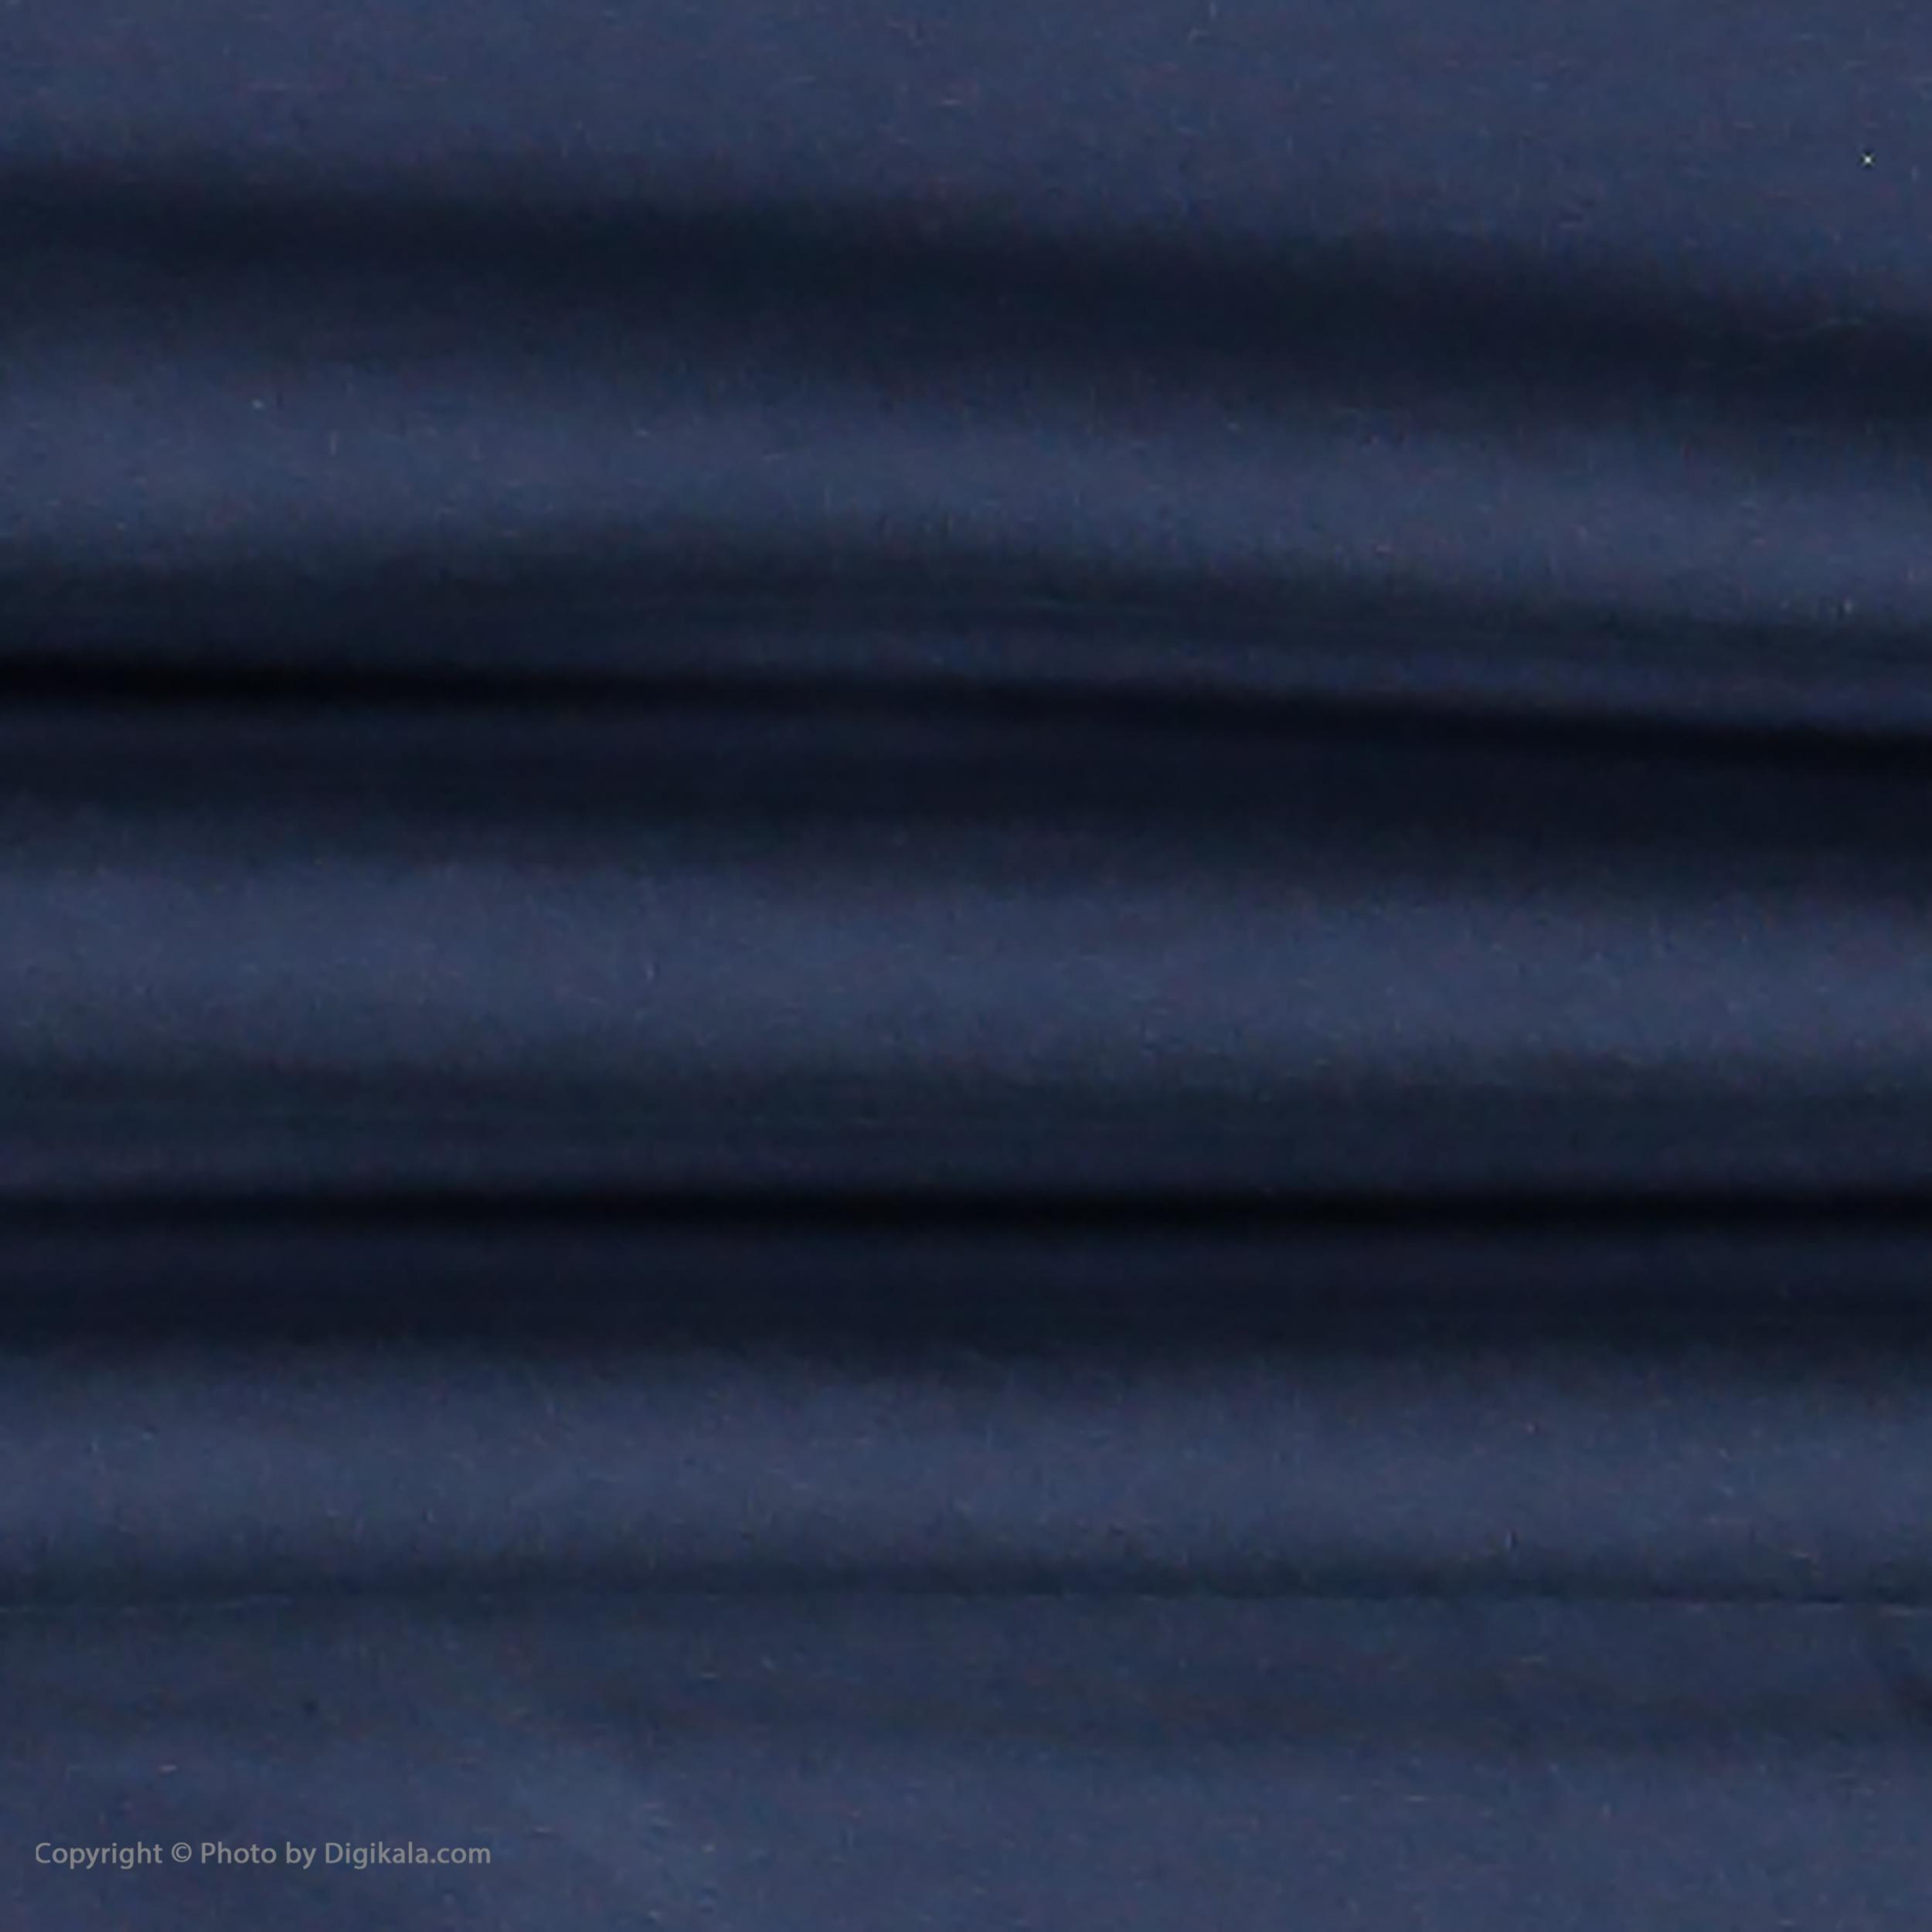 سویشرت پسرانه سون پون مدل 1391370-77 -  - 5